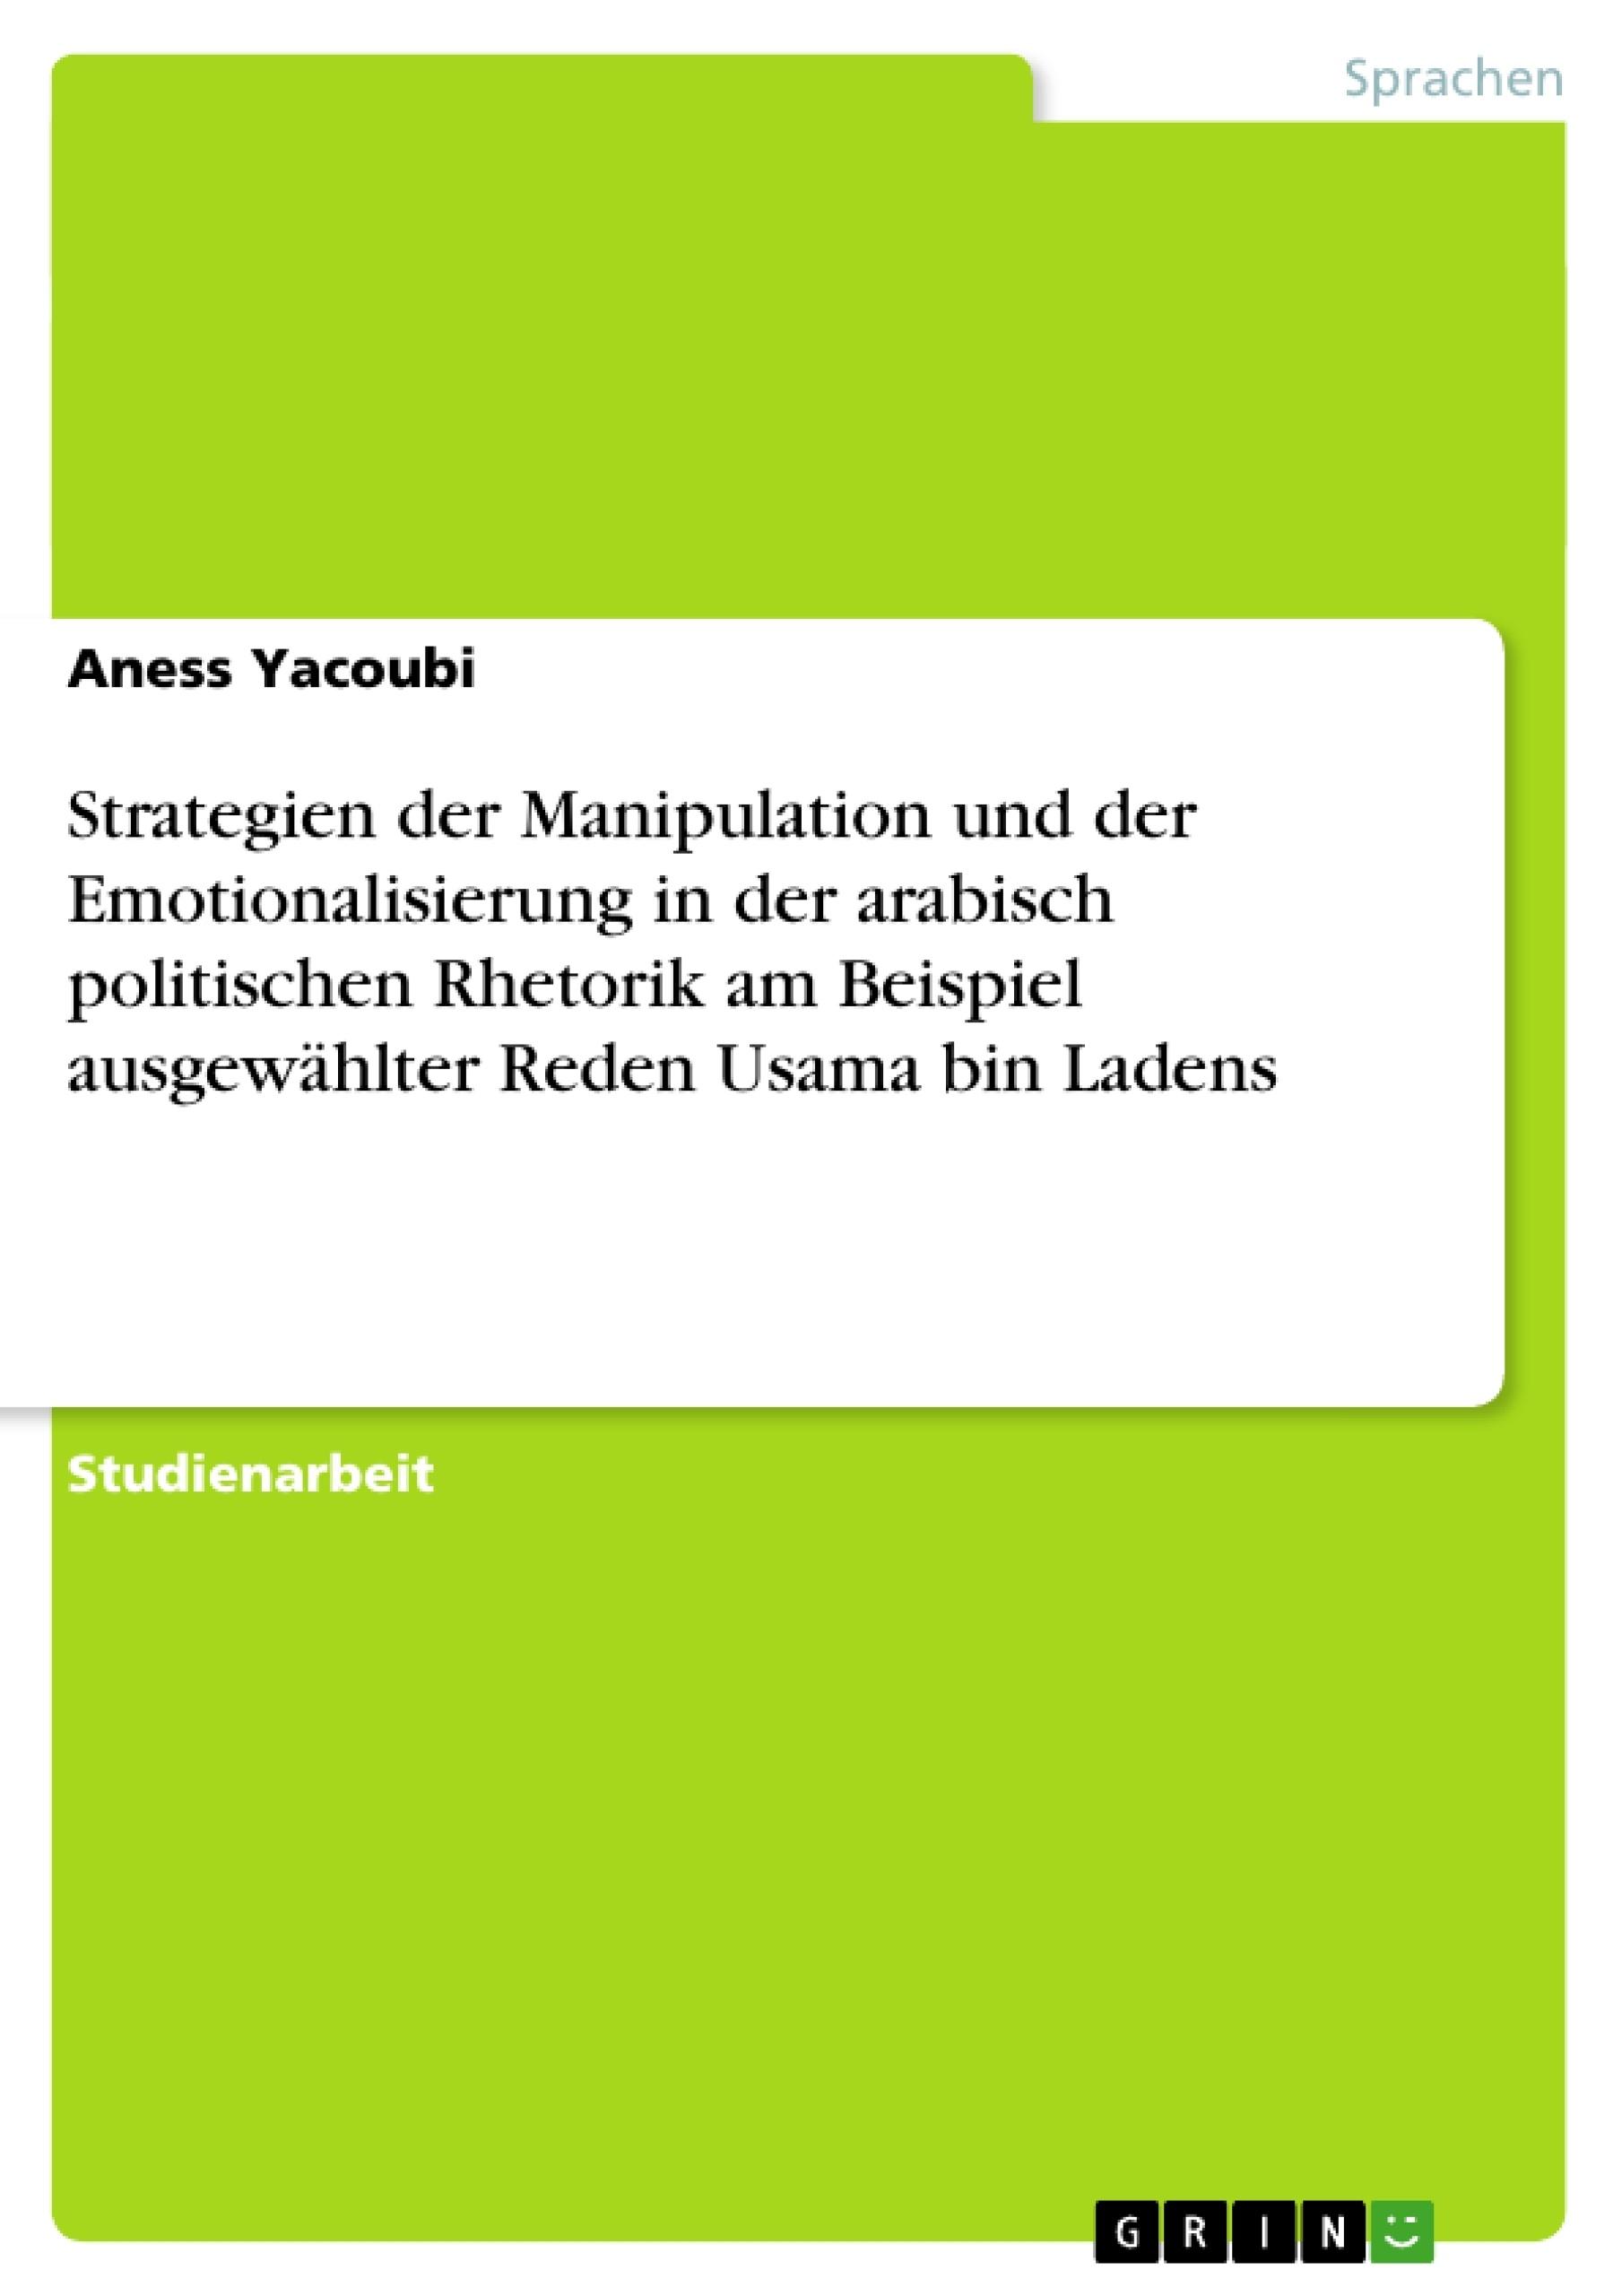 Titel: Strategien der Manipulation und der Emotionalisierung in der arabisch politischen Rhetorik am Beispiel ausgewählter Reden Usama bin Ladens